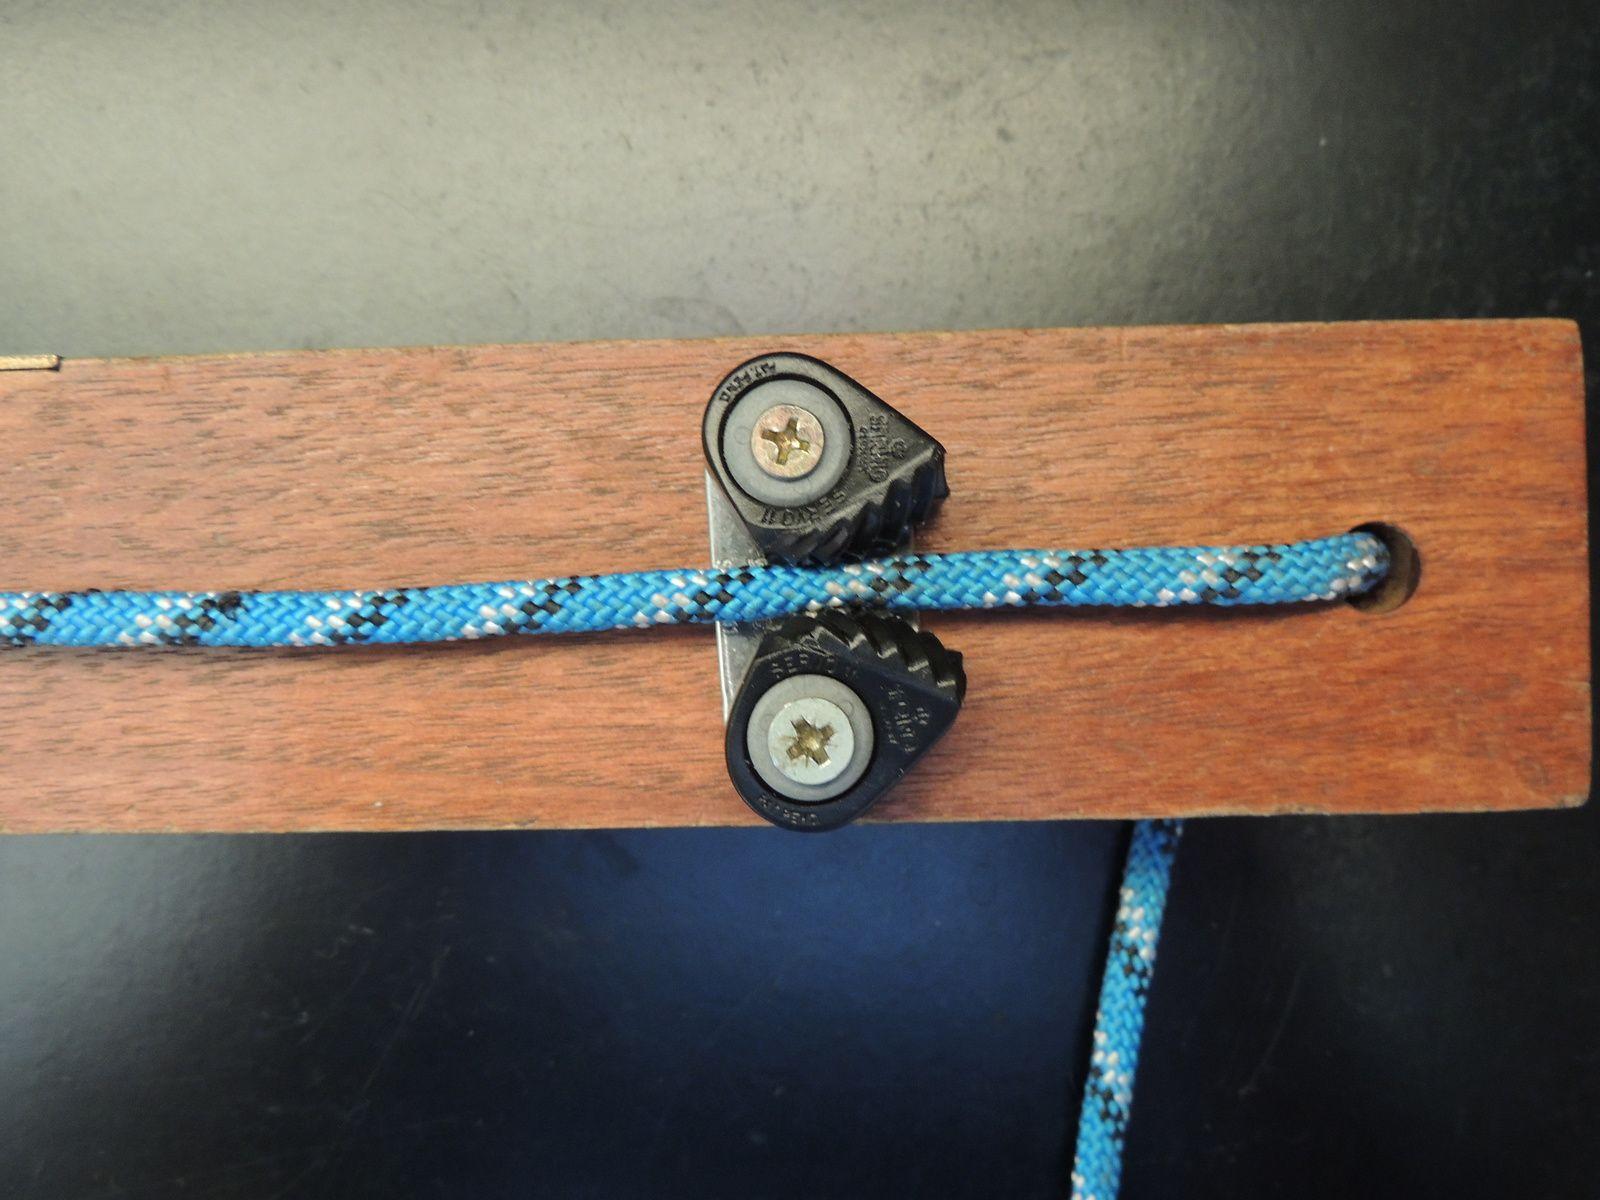 Détail du taquet coinceur fixé sur le niveau. Techniques d'élevage 2014. Image soumise à droits d'auteur